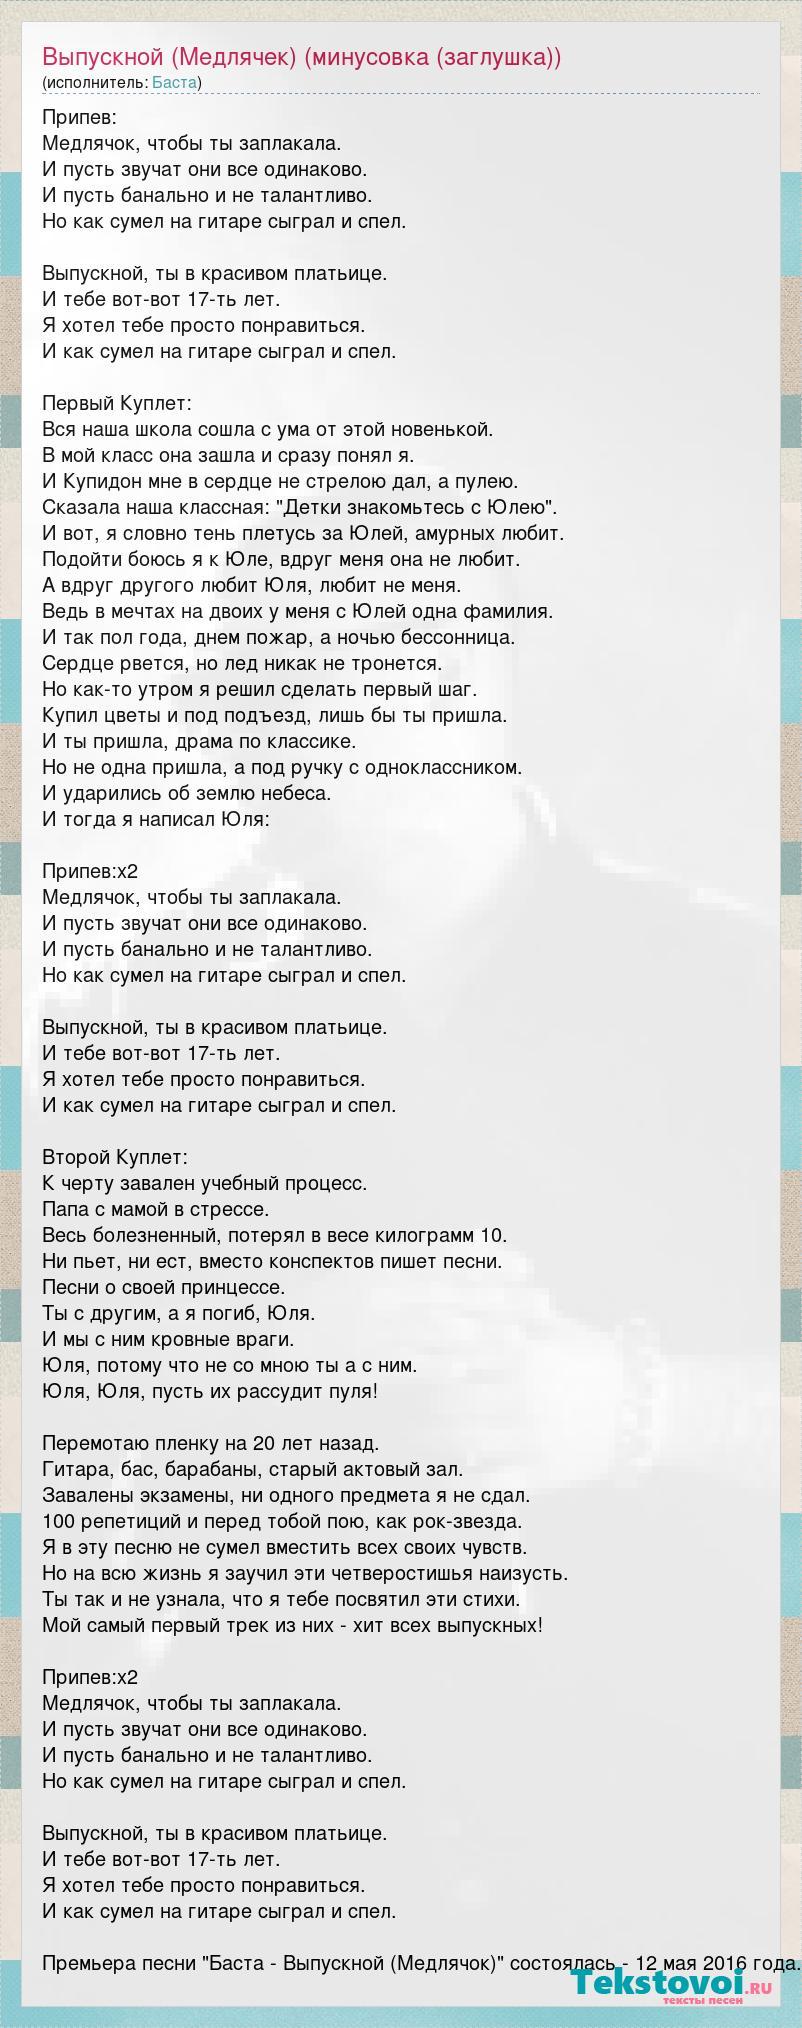 Поздравления песни-пародии на